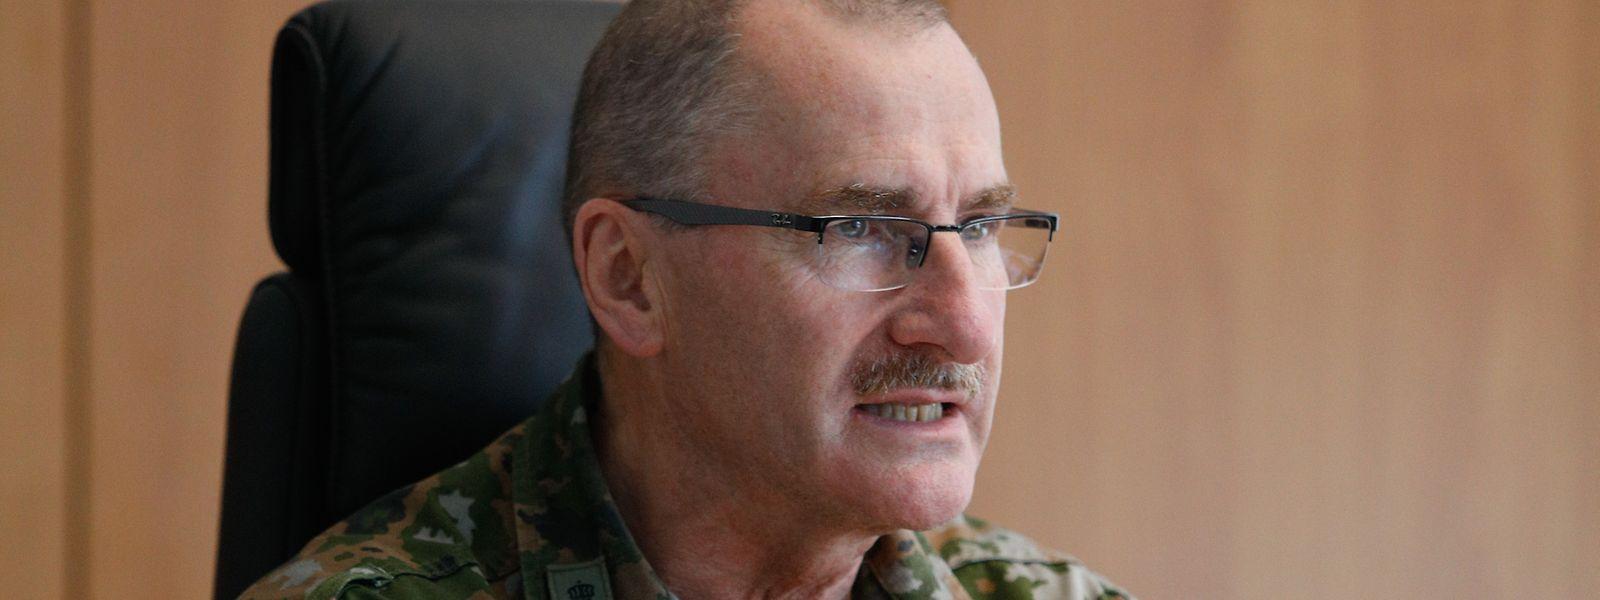 Seit September 2017 steht Alain Duschène an der Spitze der luxemburgischen Armee.